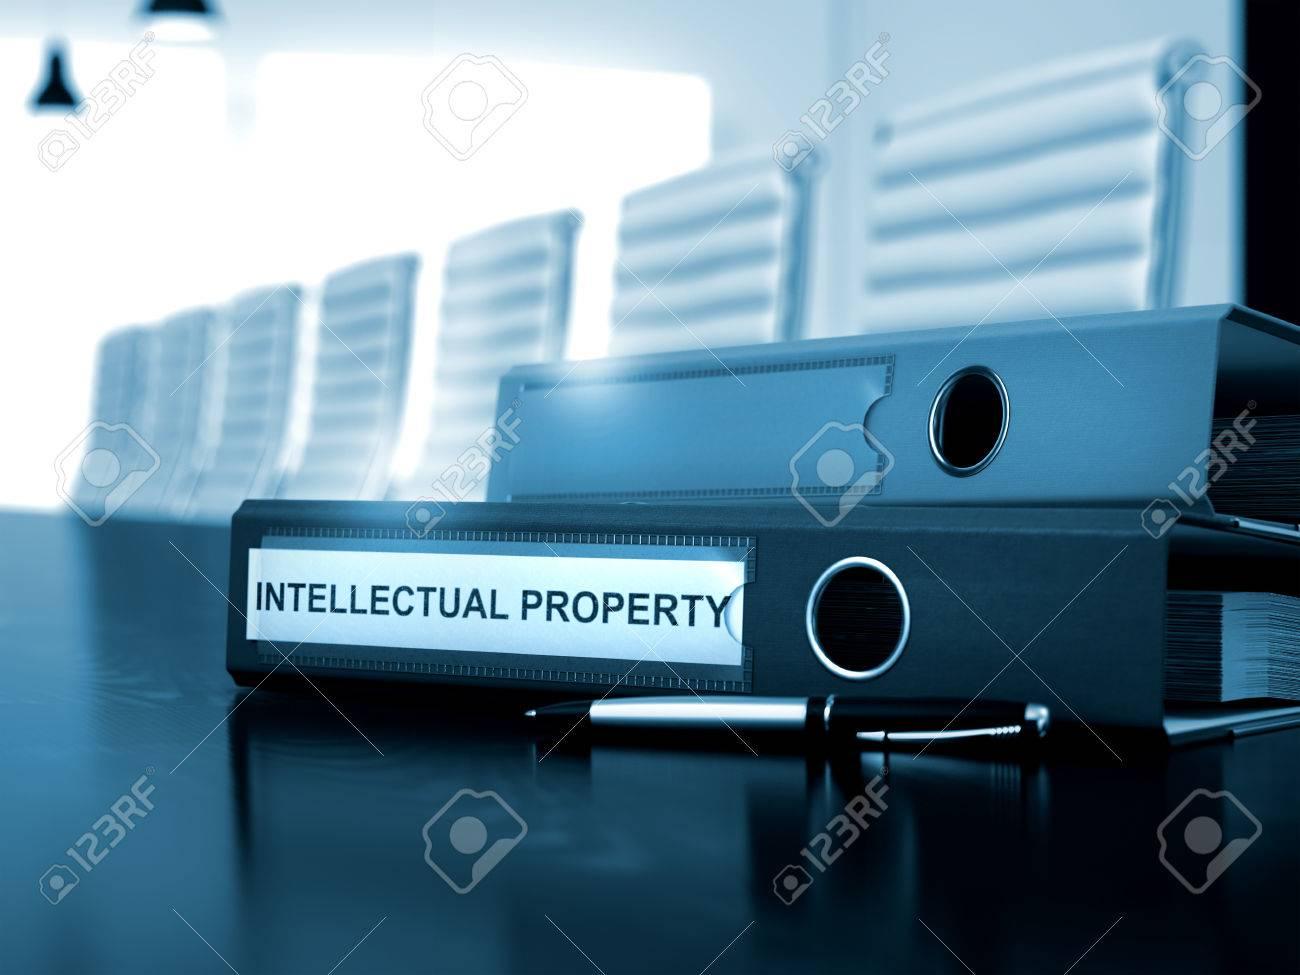 Office Binder mit Beschriftung für geistiges Eigentum auf Office Desktop. Geistiges Eigentum - Illustration. Getönt. 3D übertragen. Standard-Bild - 54092078